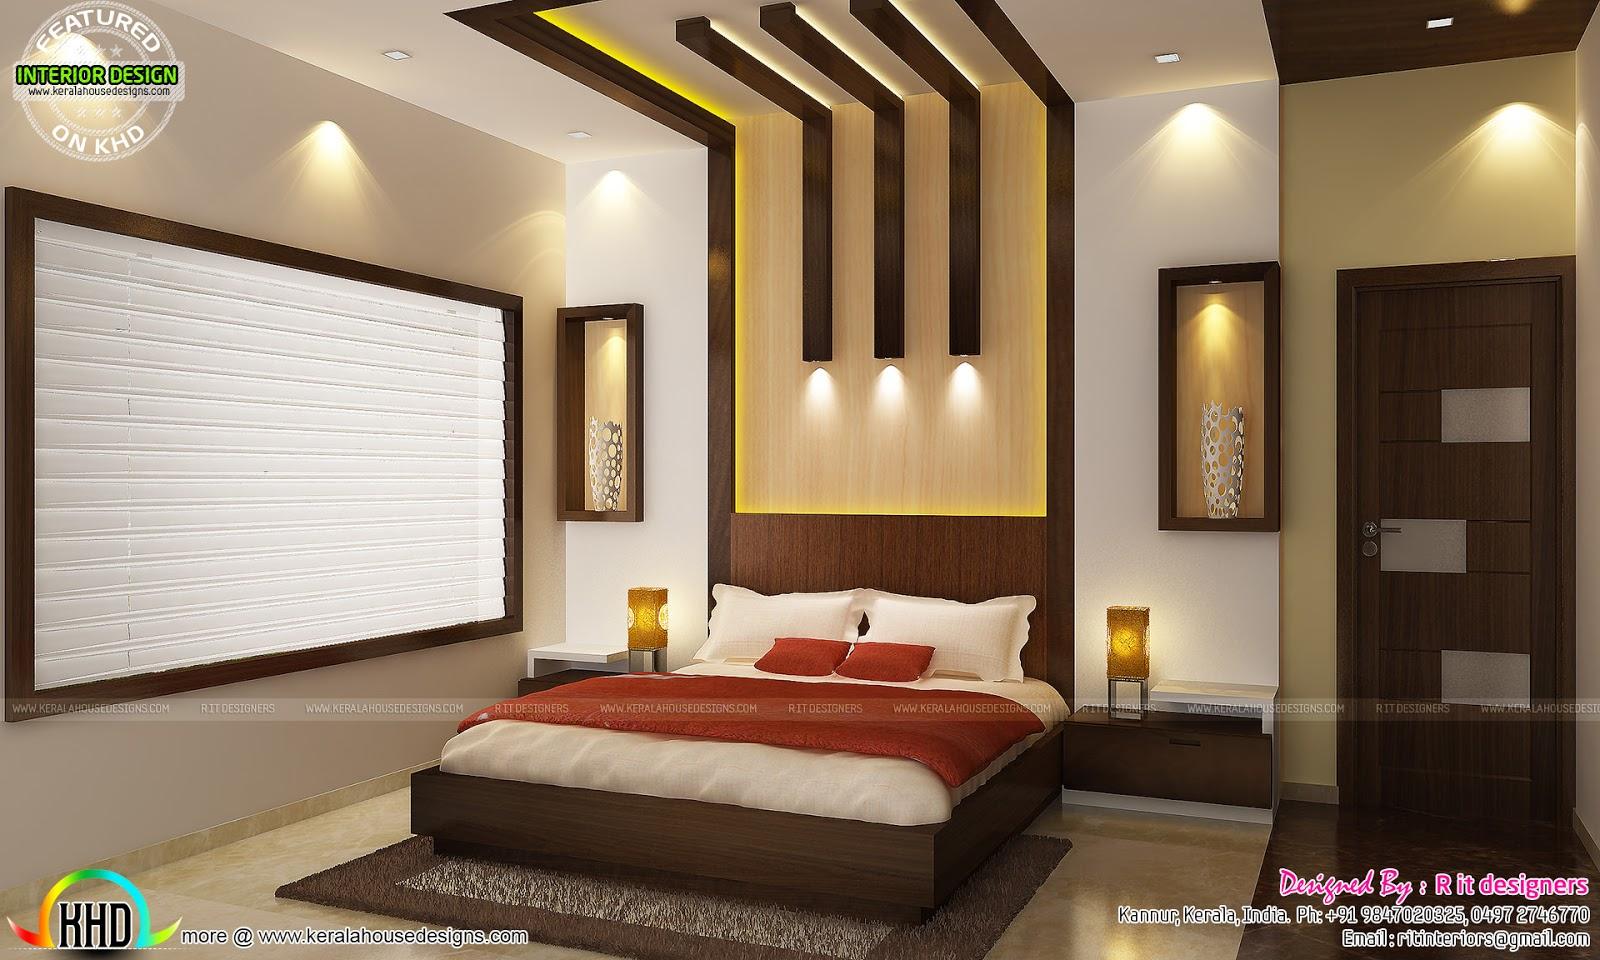 Kitchen, living, bedroom, dining interior decor - Kerala ...